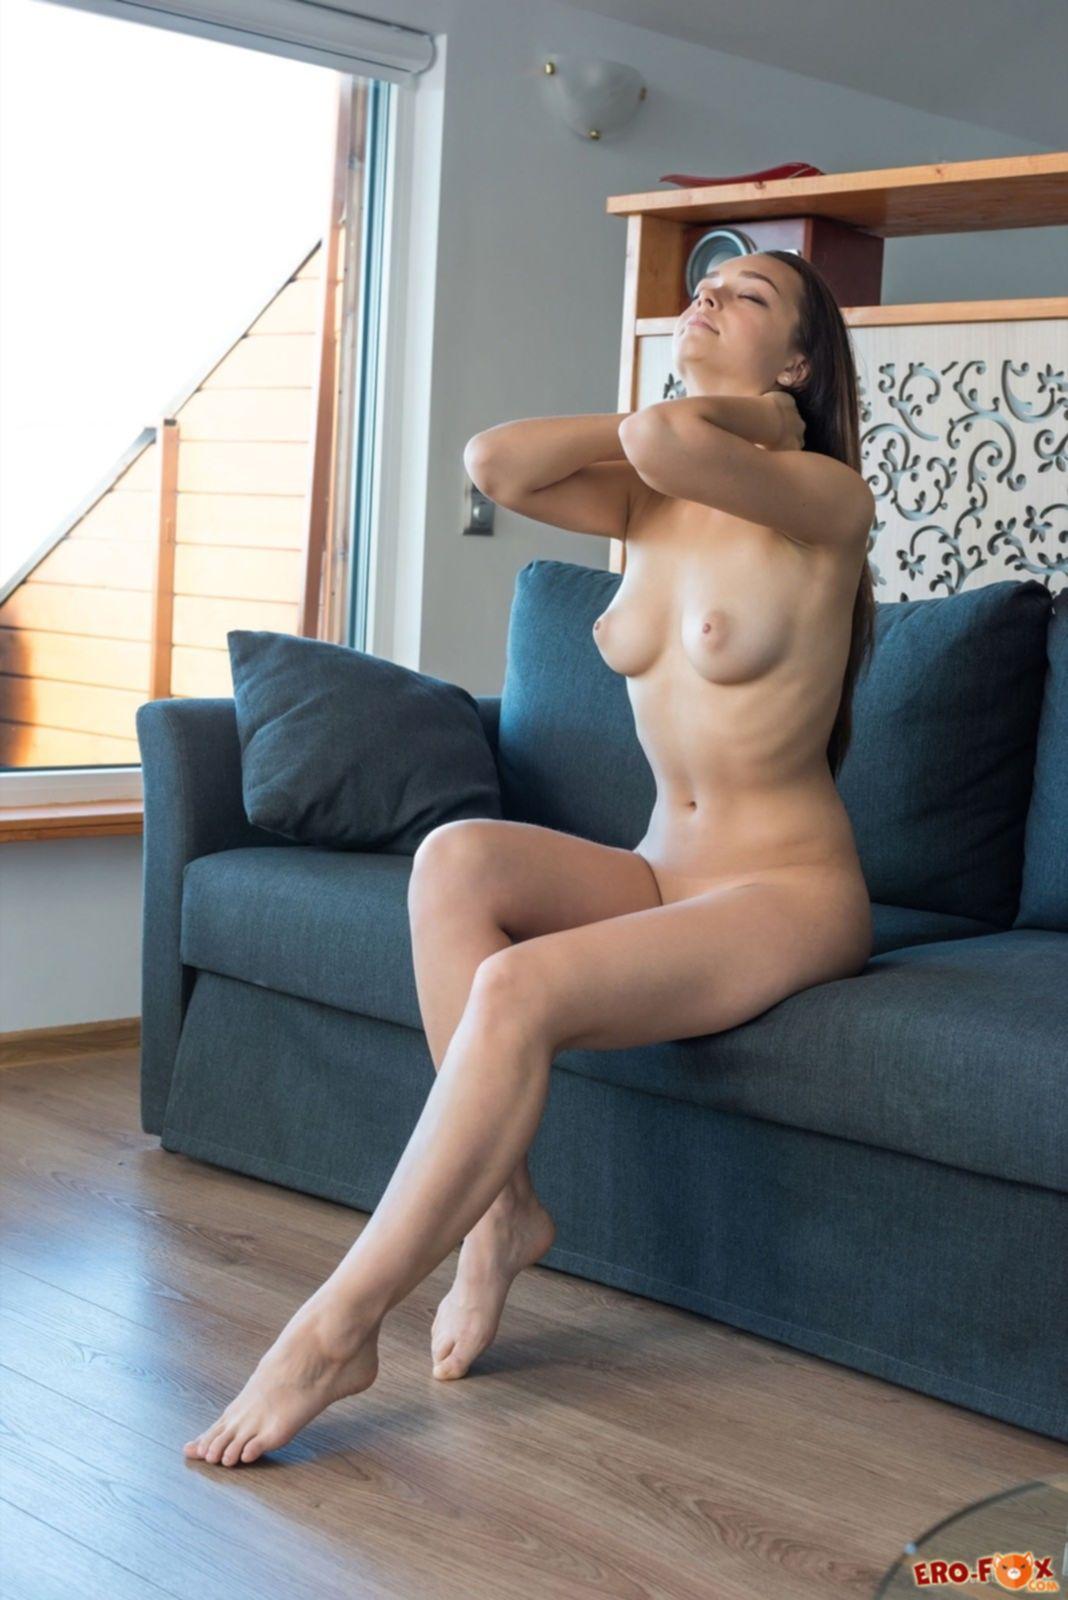 Раздетая милашка с красивым телом позирует в квартире - фото